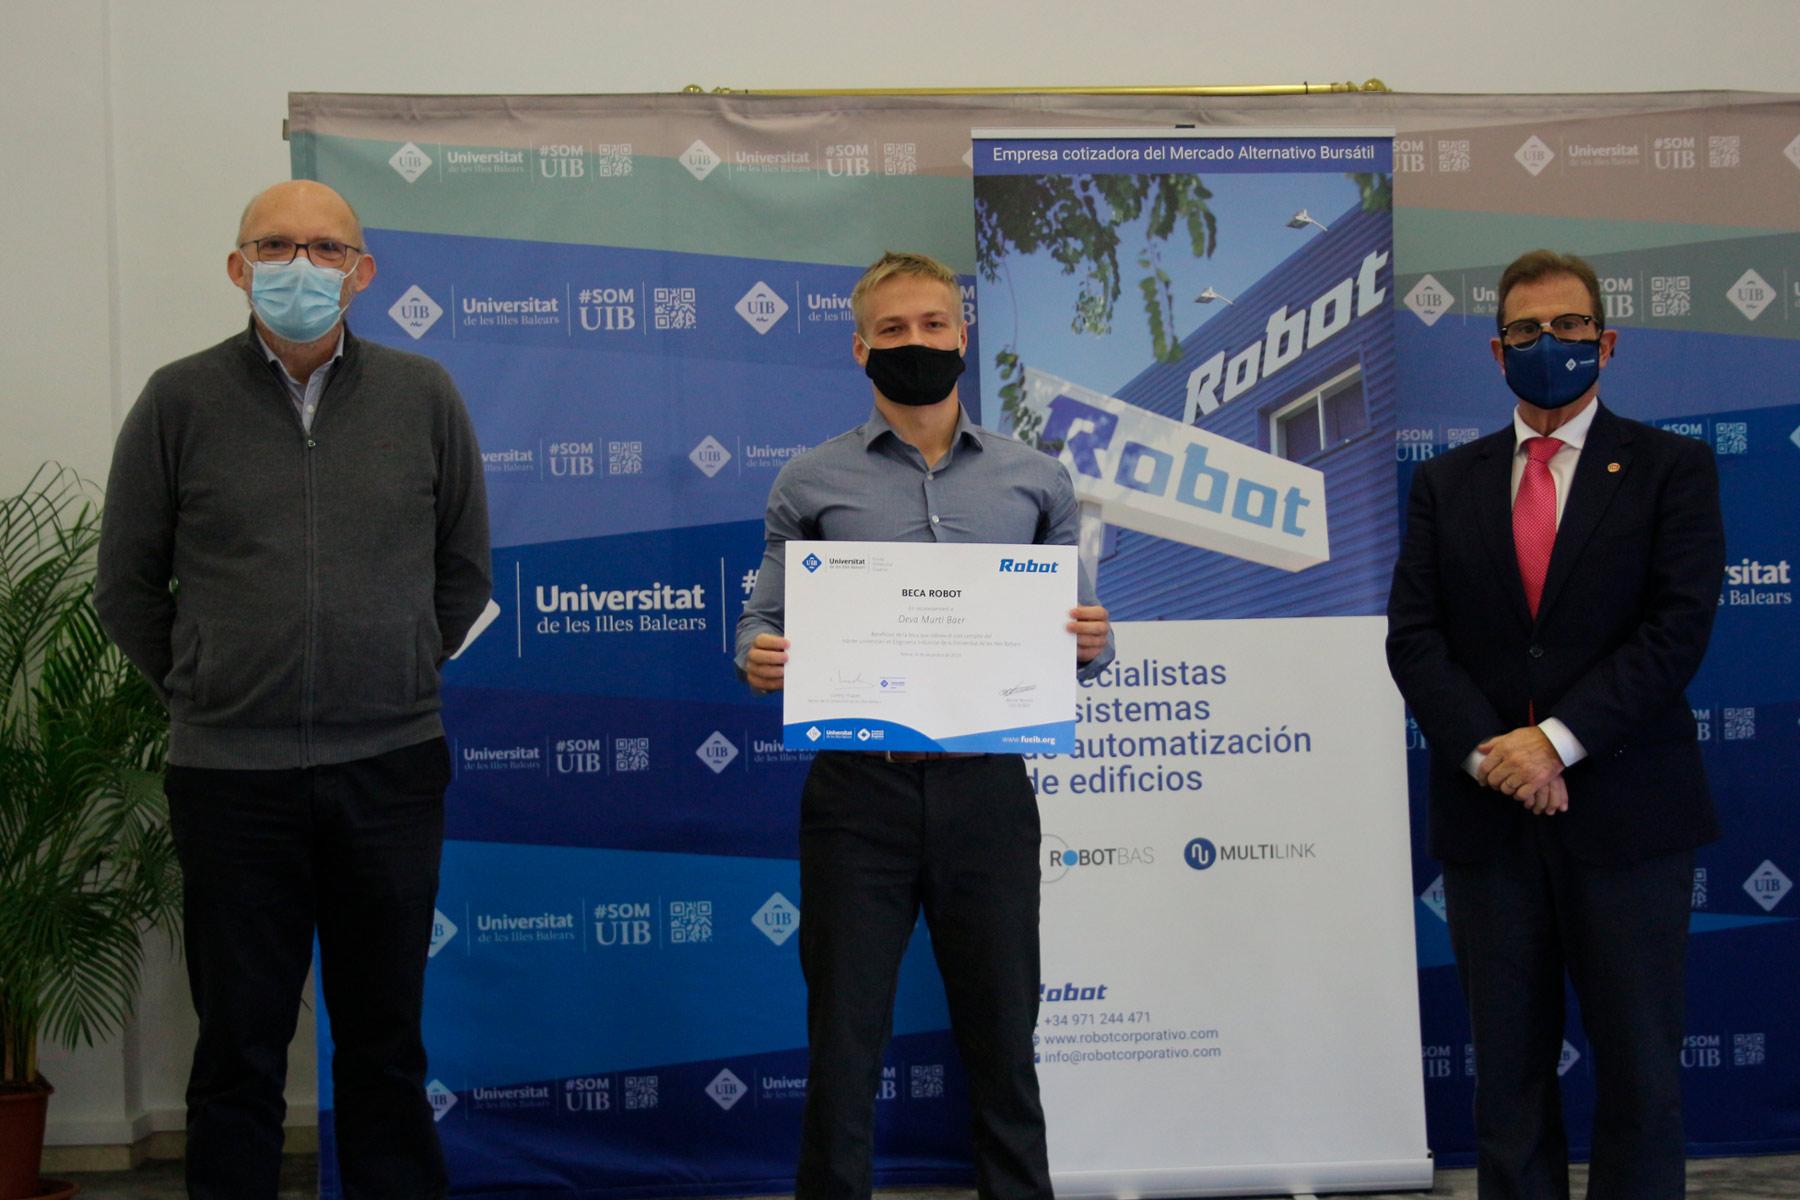 Deva Murtí, ganador de la II edición de la Beca Robot